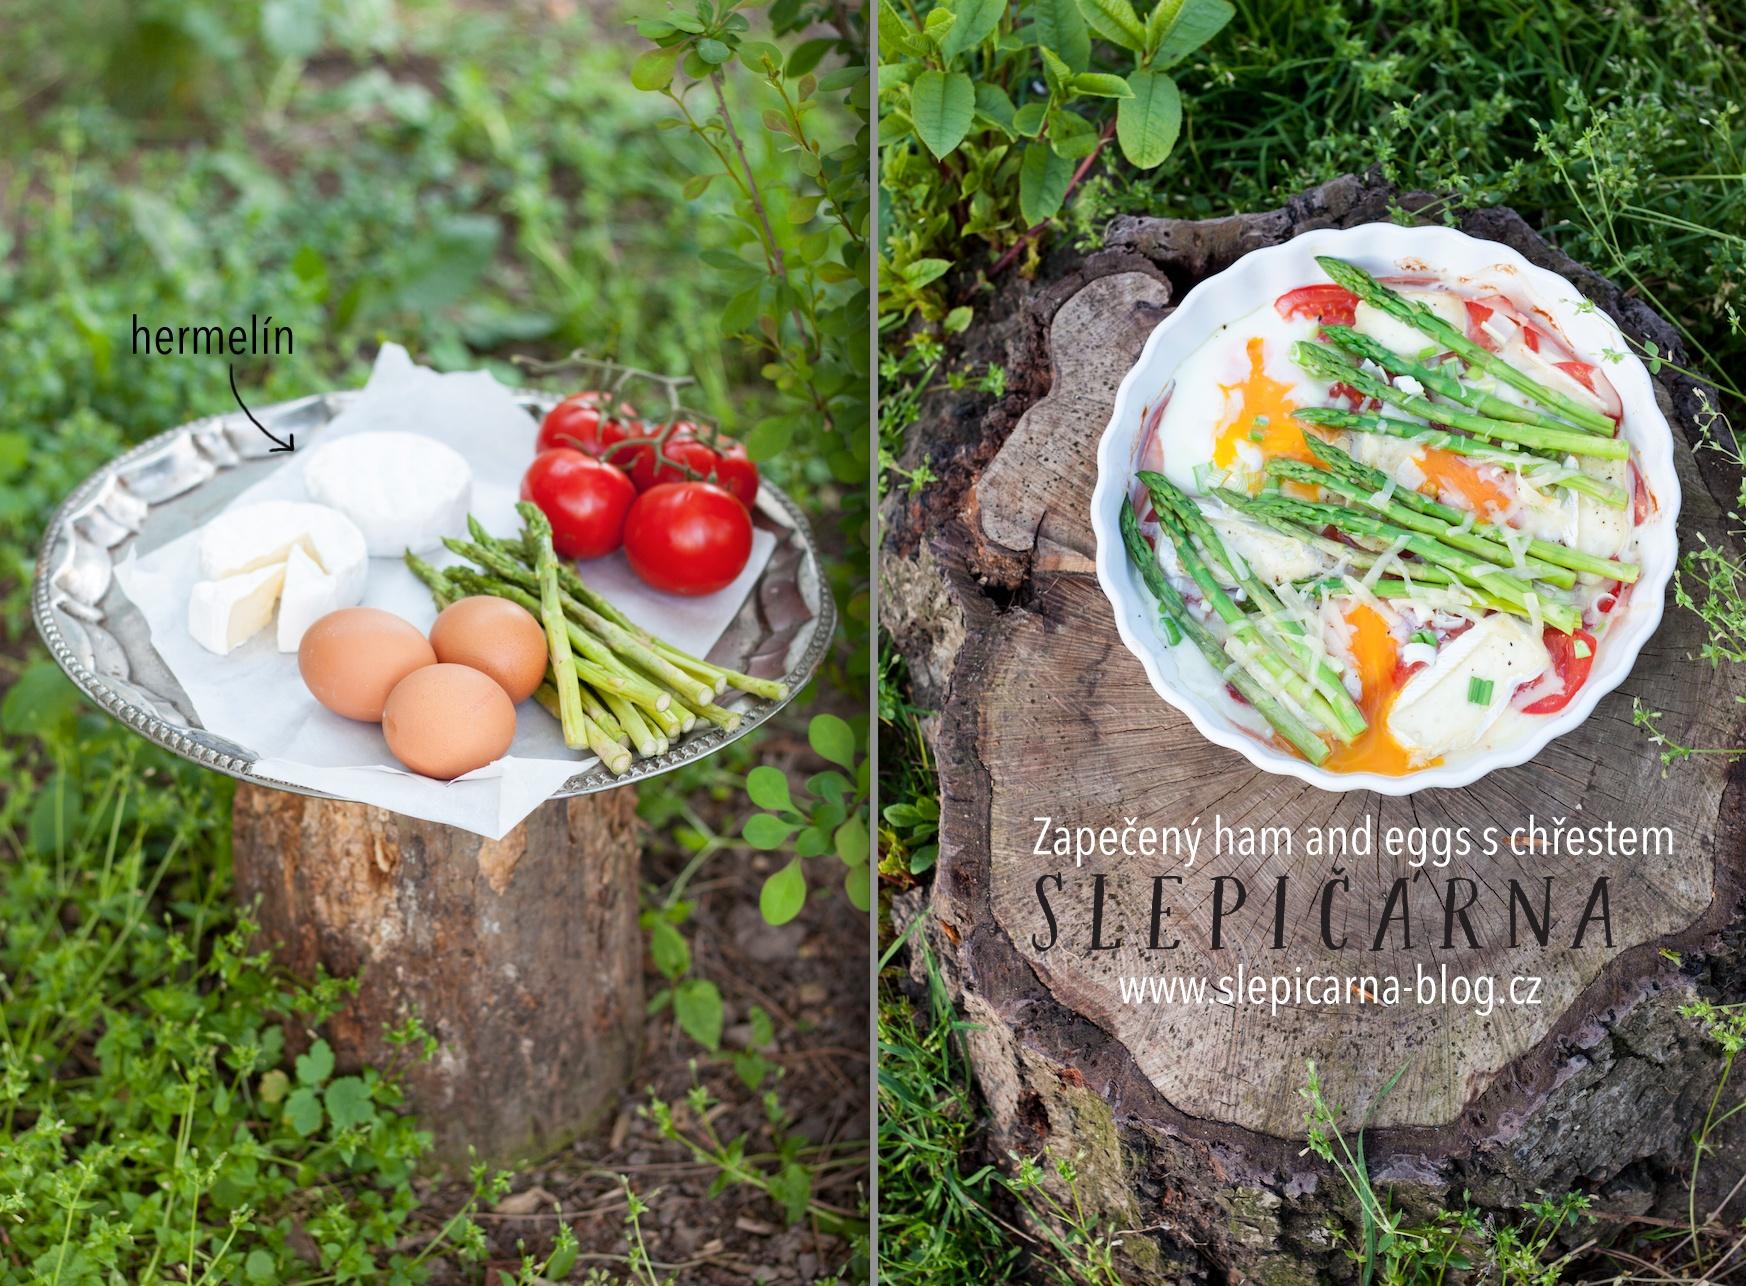 Zapečený ham and eggs s chřestem